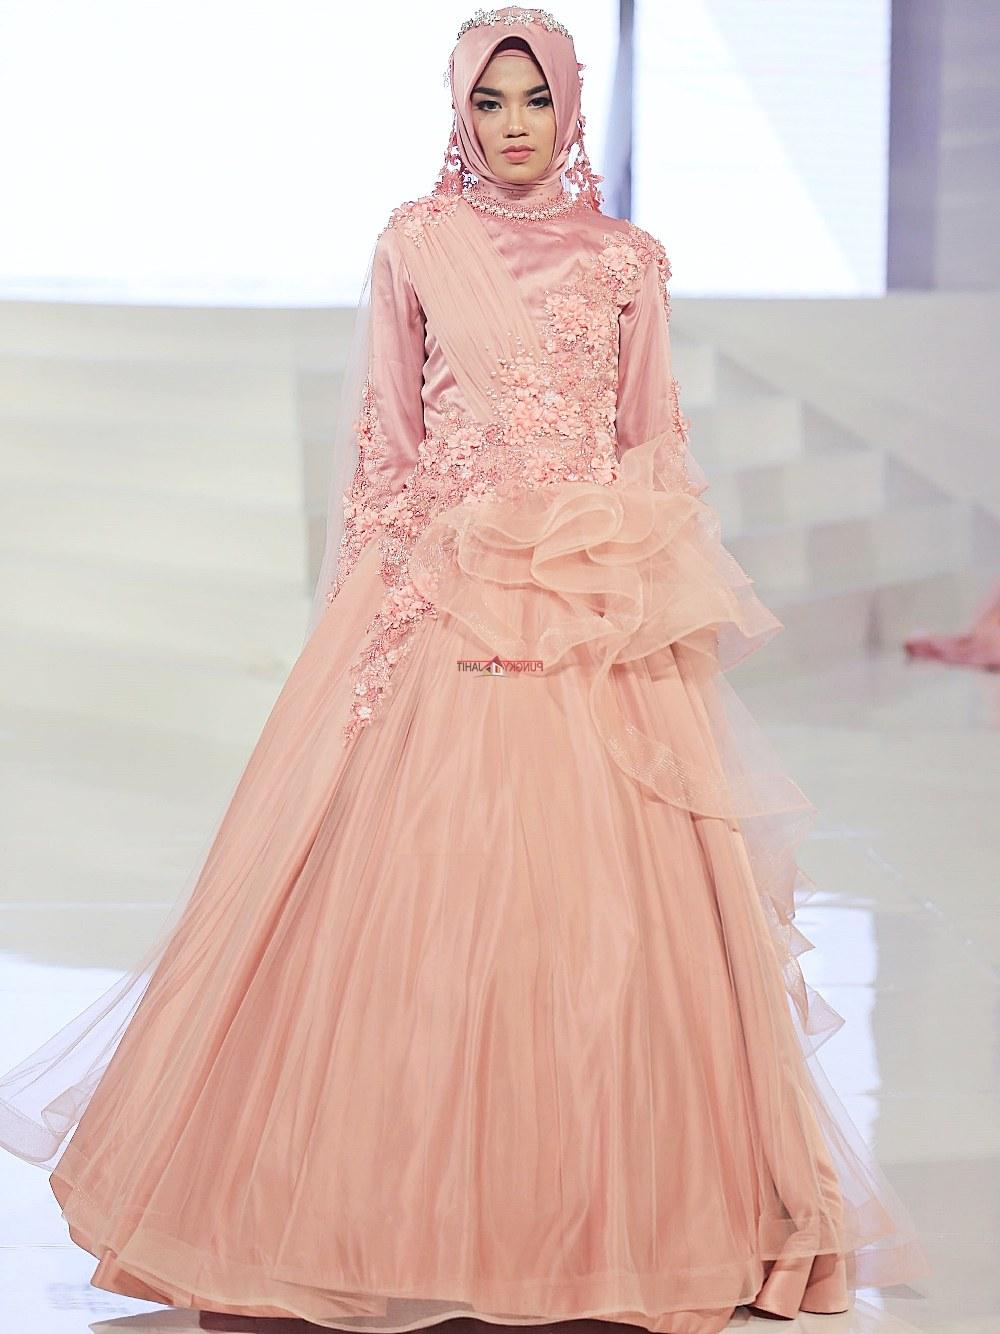 Bentuk Sewa Gaun Pengantin Muslimah Jogja Dwdk Sewa Perdana Baju Pengantin Muslimah Jogja Gaun Pengantin